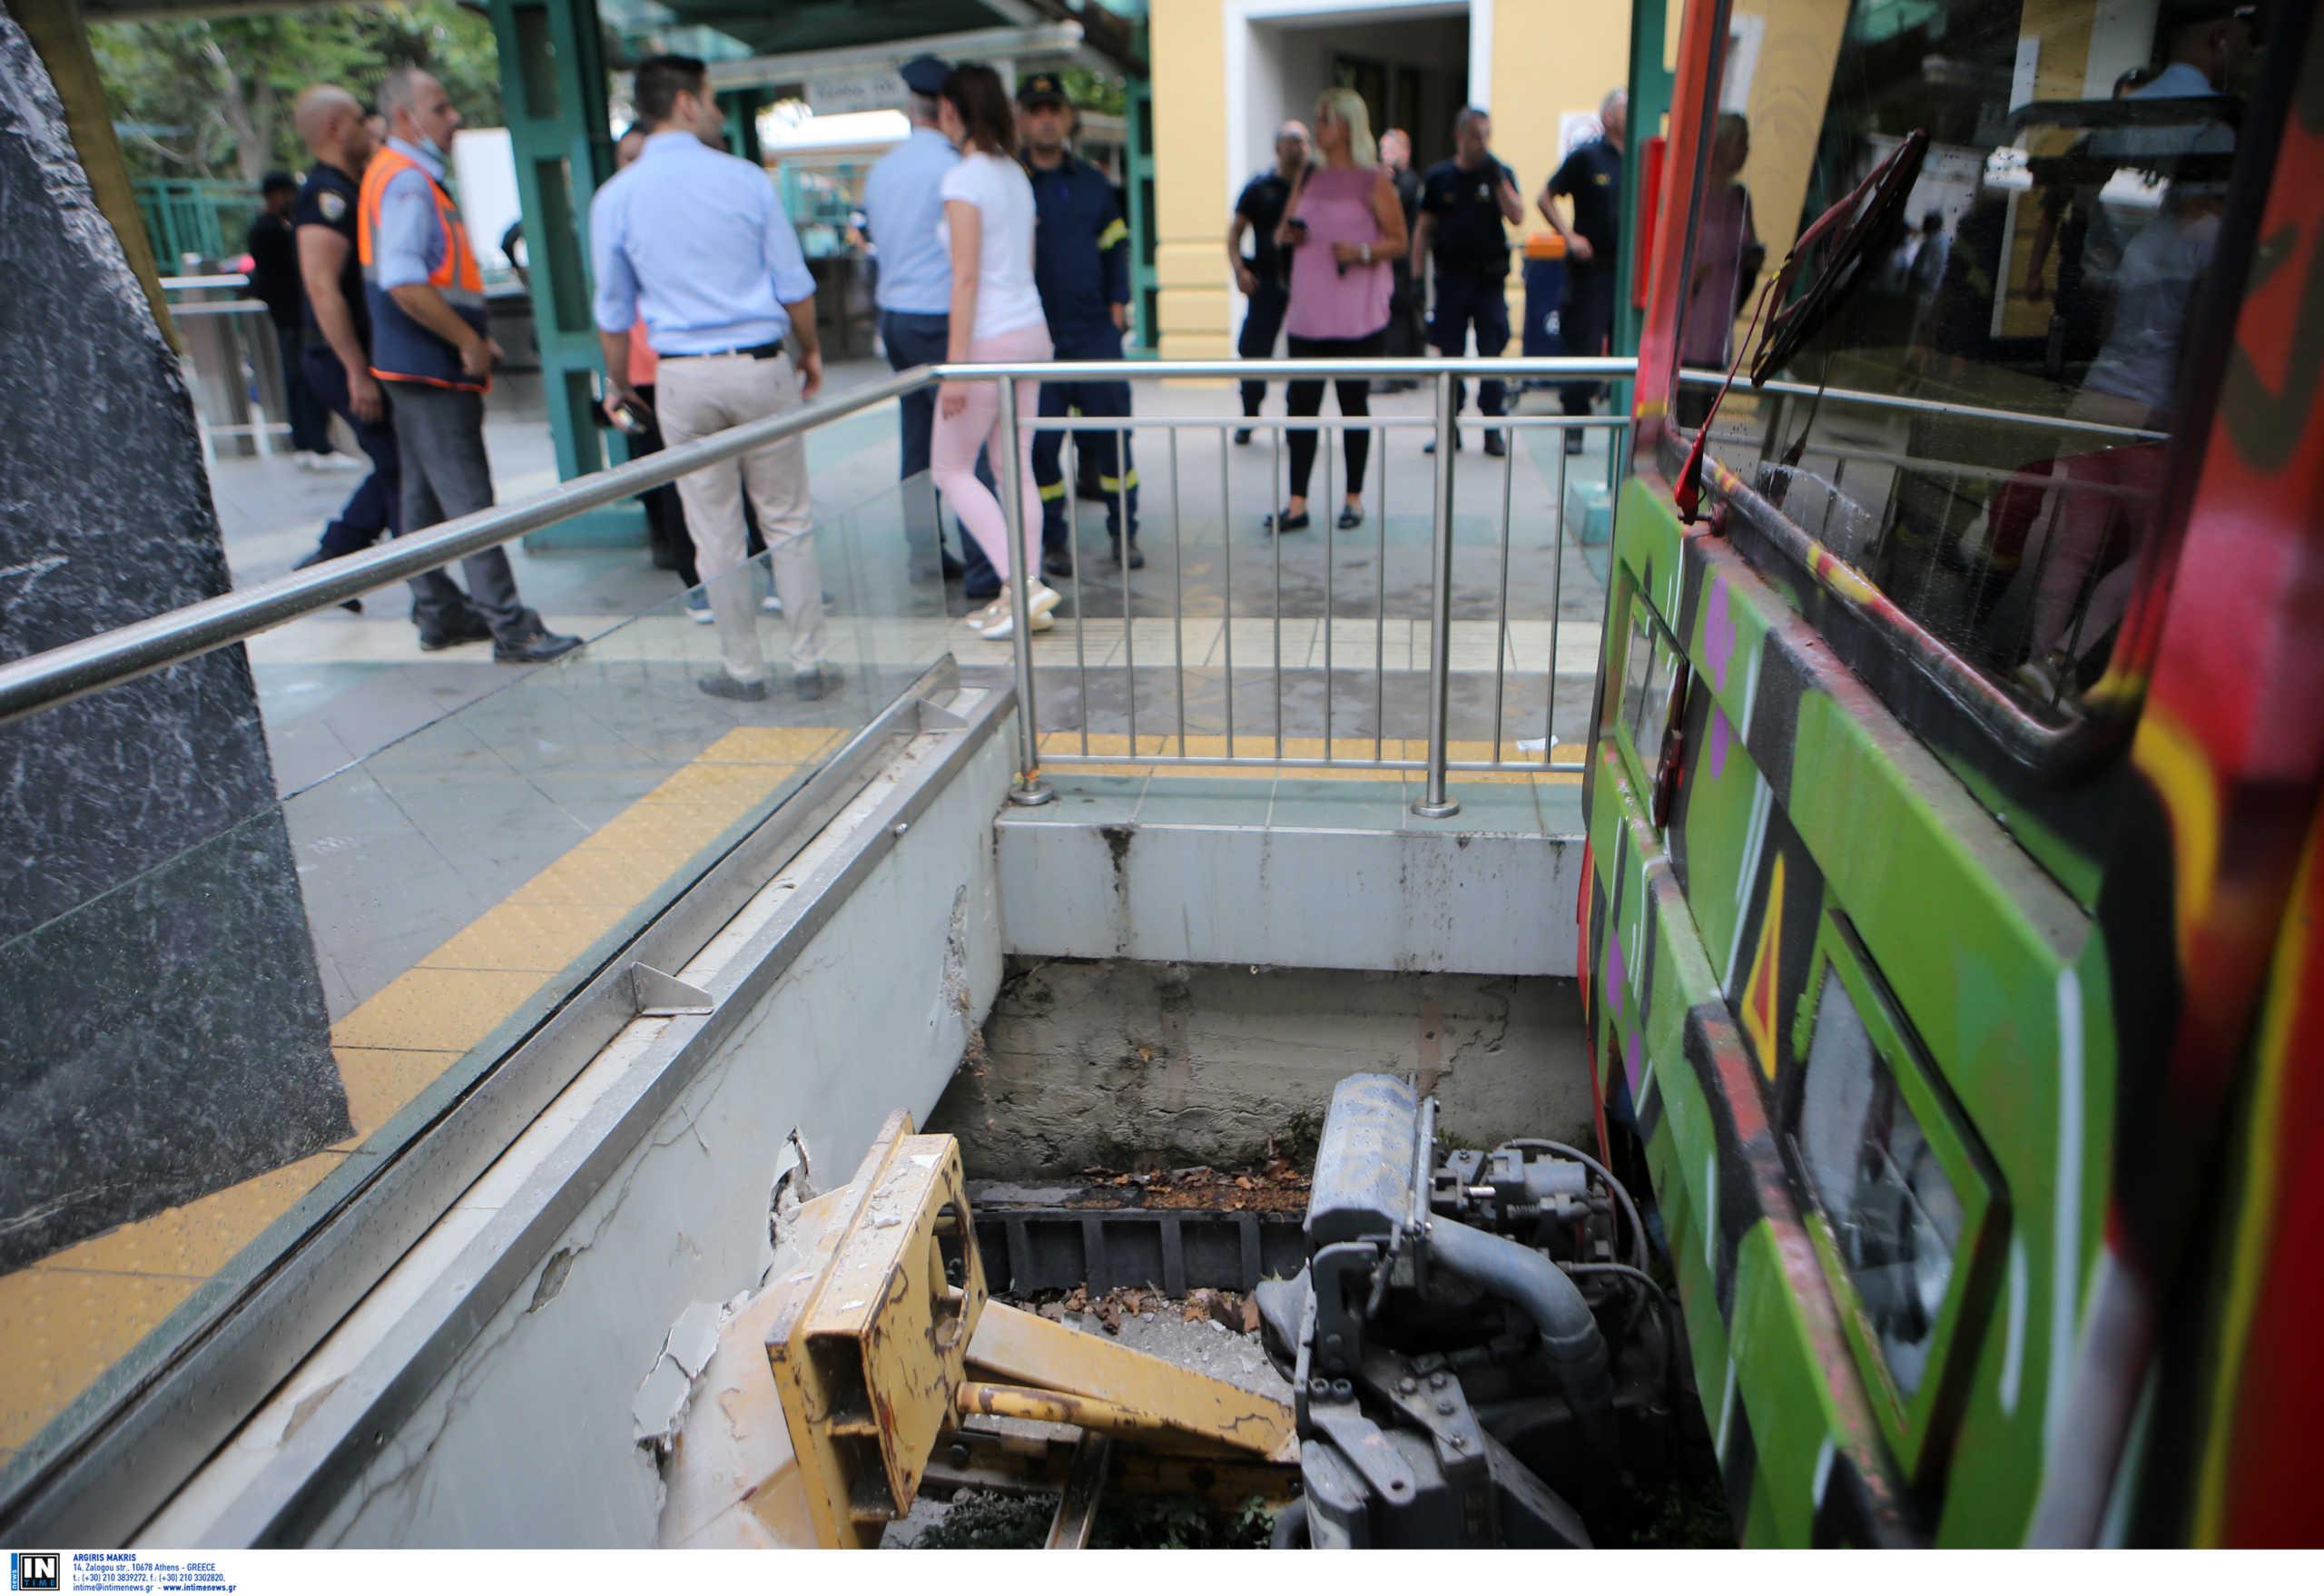 Πήραν εξιτήριο πέντε από τους οκτώ τραυματίες από το ατύχημα με συρμό του ΗΣΑΠ (pics)